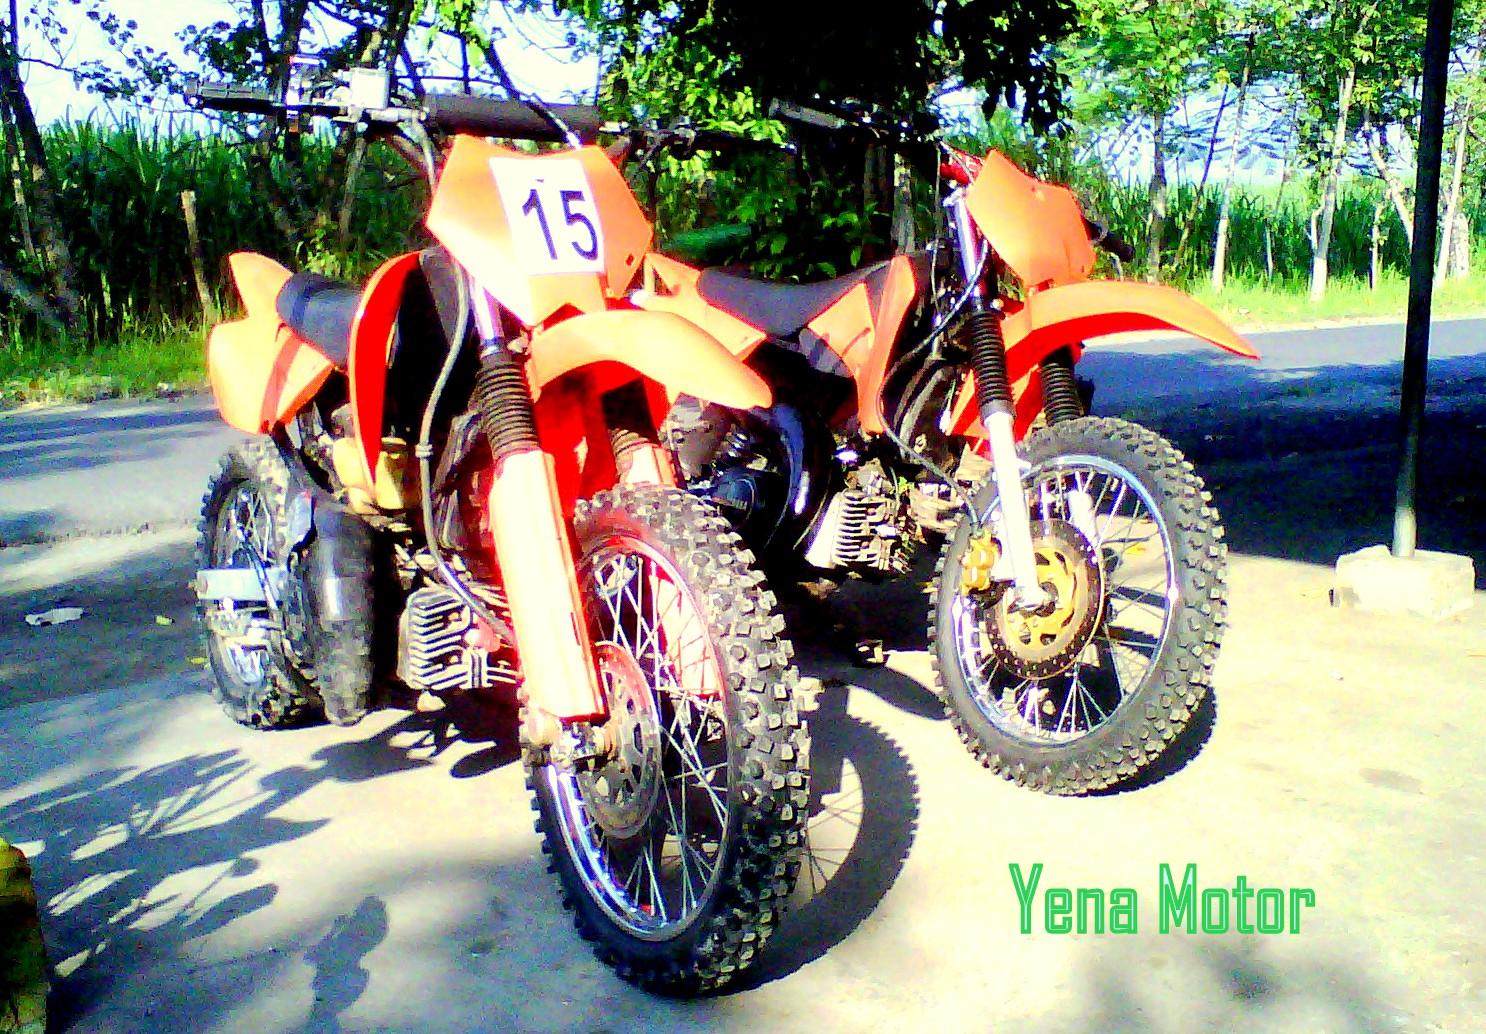 Yamaha Fiz R Modif Yz Modifikasi Motor Yamaha